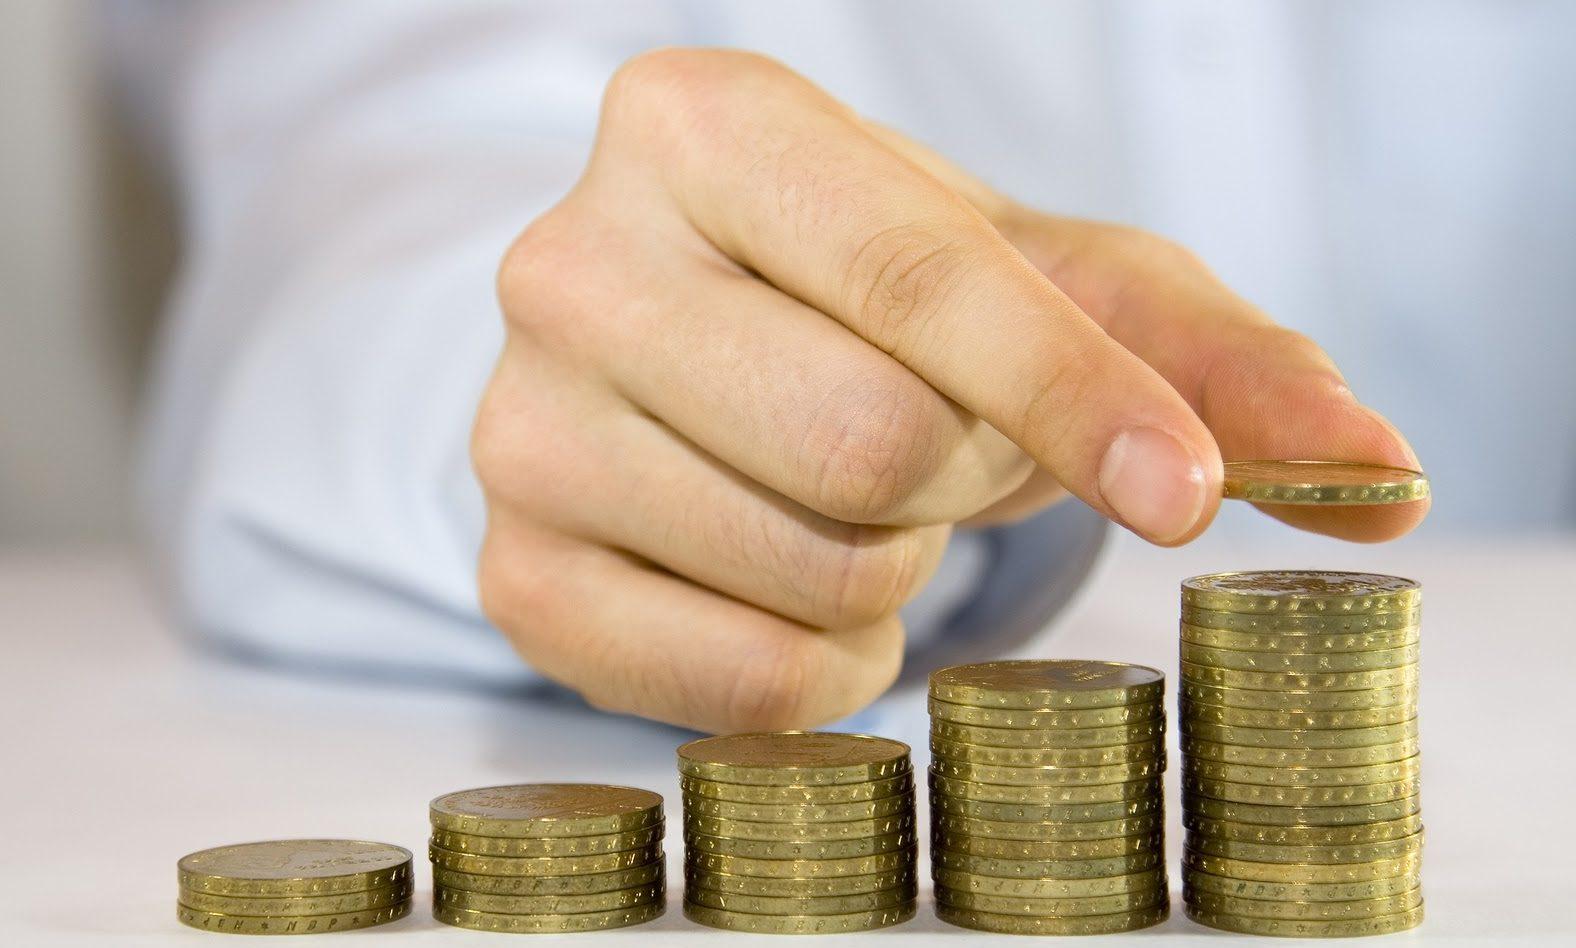 mit lehet csinálni miben lehet pénzt keresni)